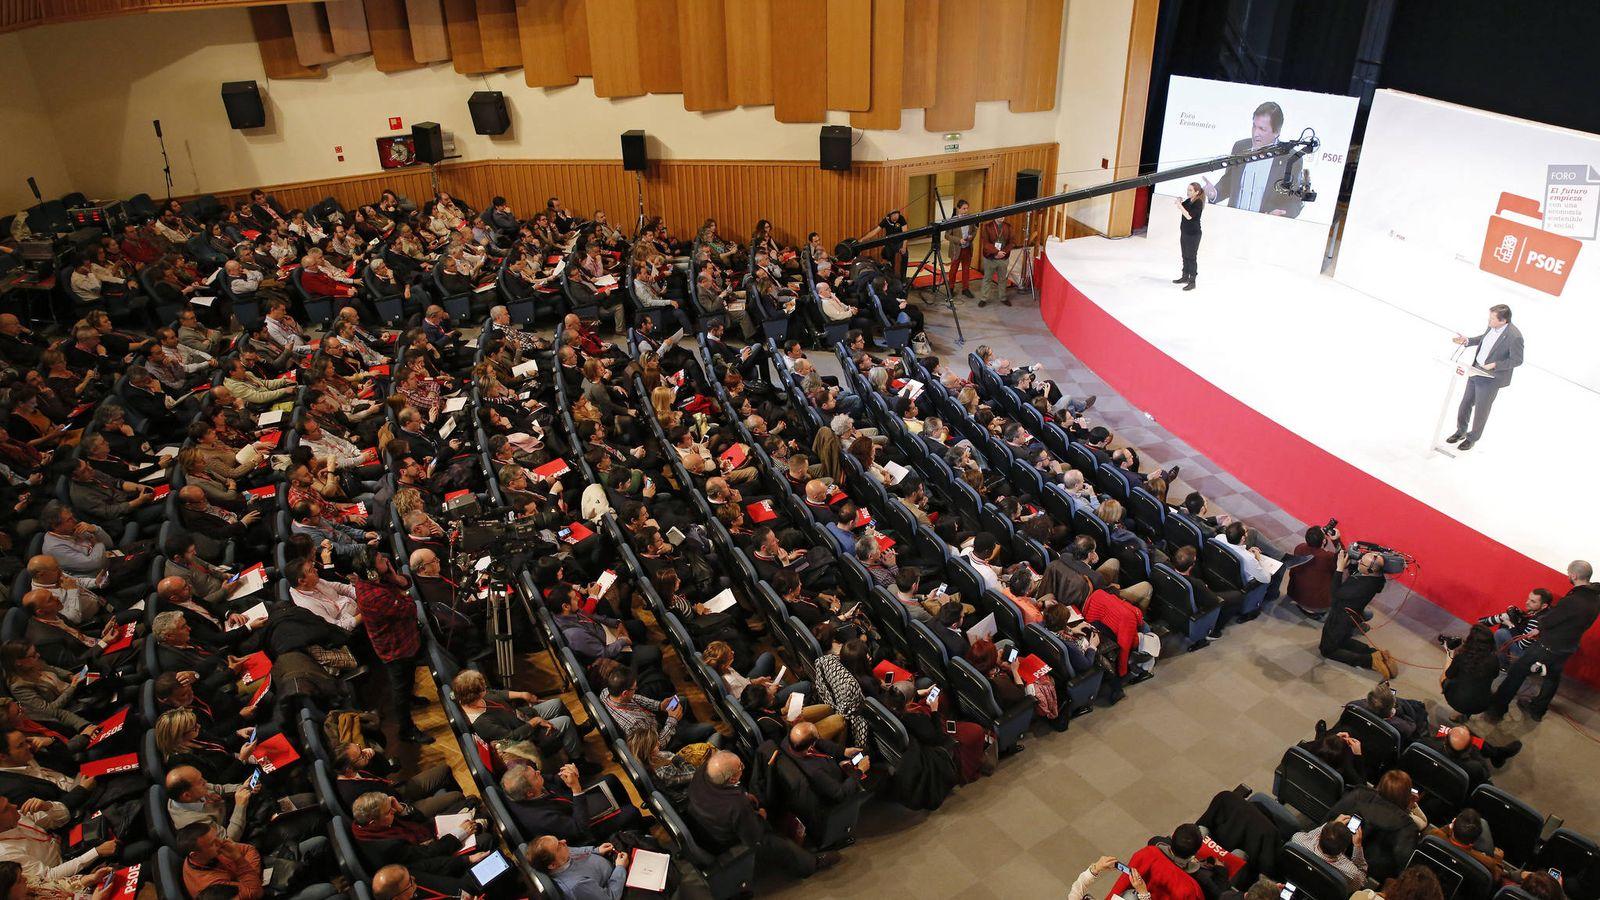 Foto: Javier Fernández, en la inauguración del foro económico del PSOE, este 25 de febrero en el auditorio de la ONCE de Madrid. (Inma Mesa / PSOE)